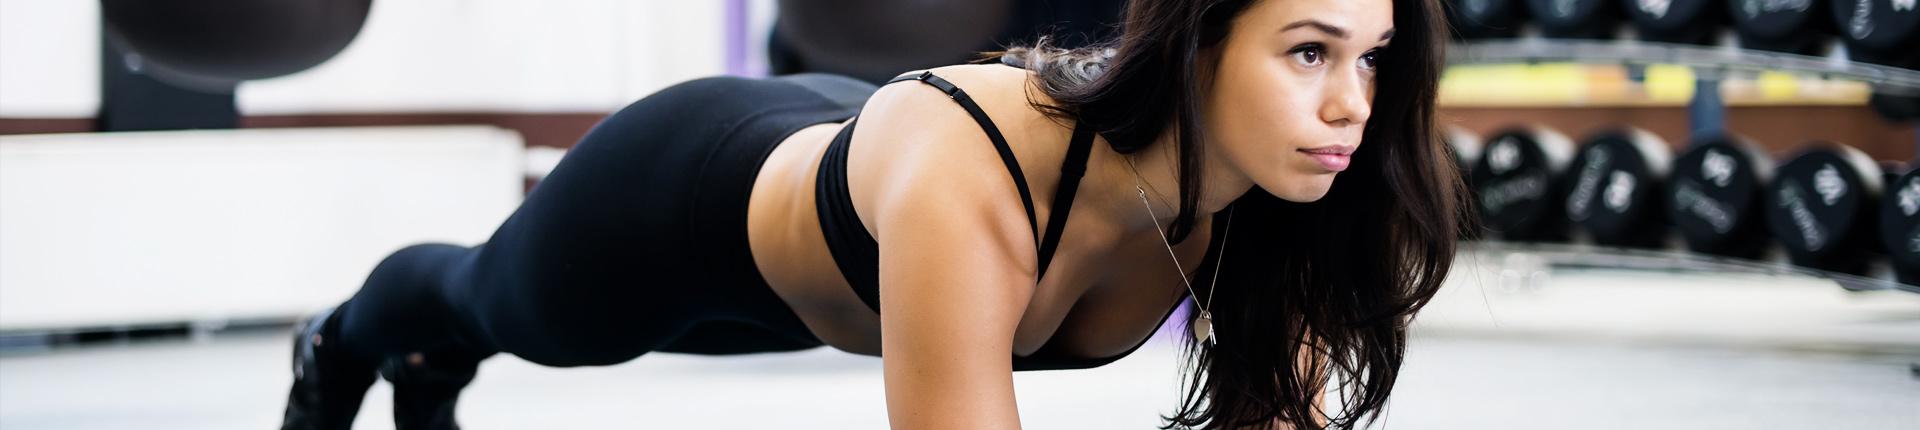 Trening odchudzający dla kobiet